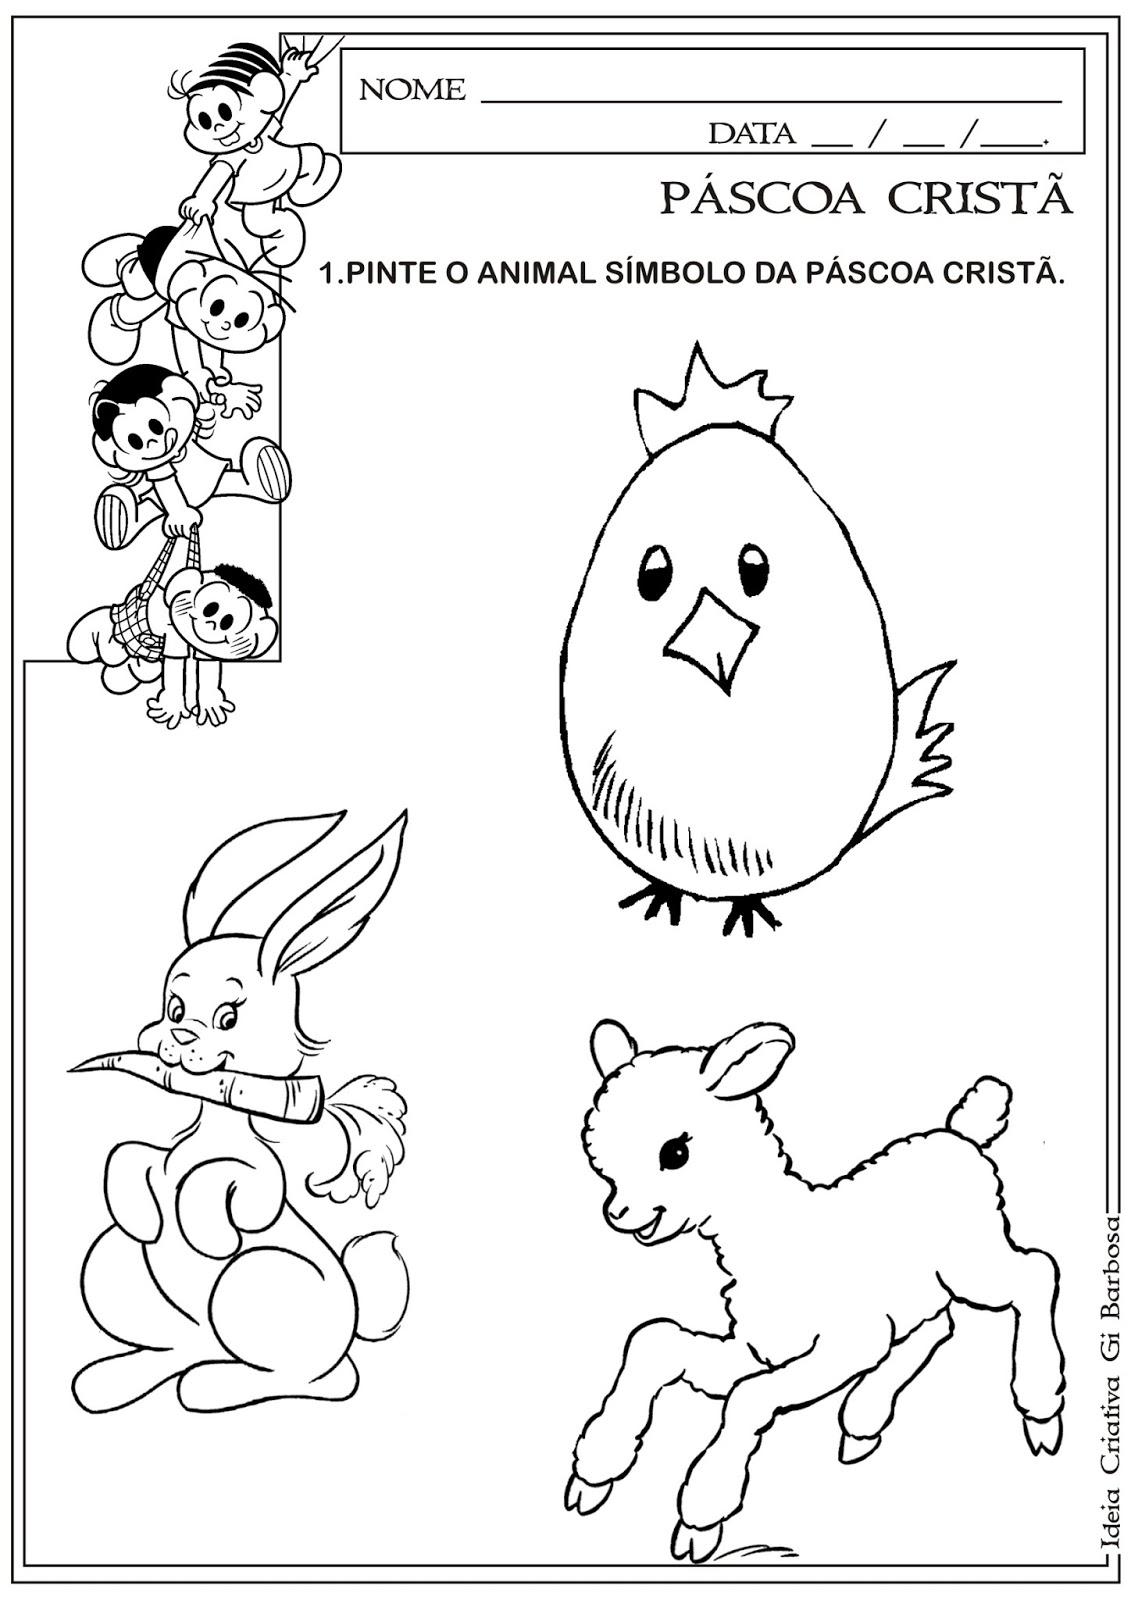 Ovos de Páscoa 2017 - Guia da Semana